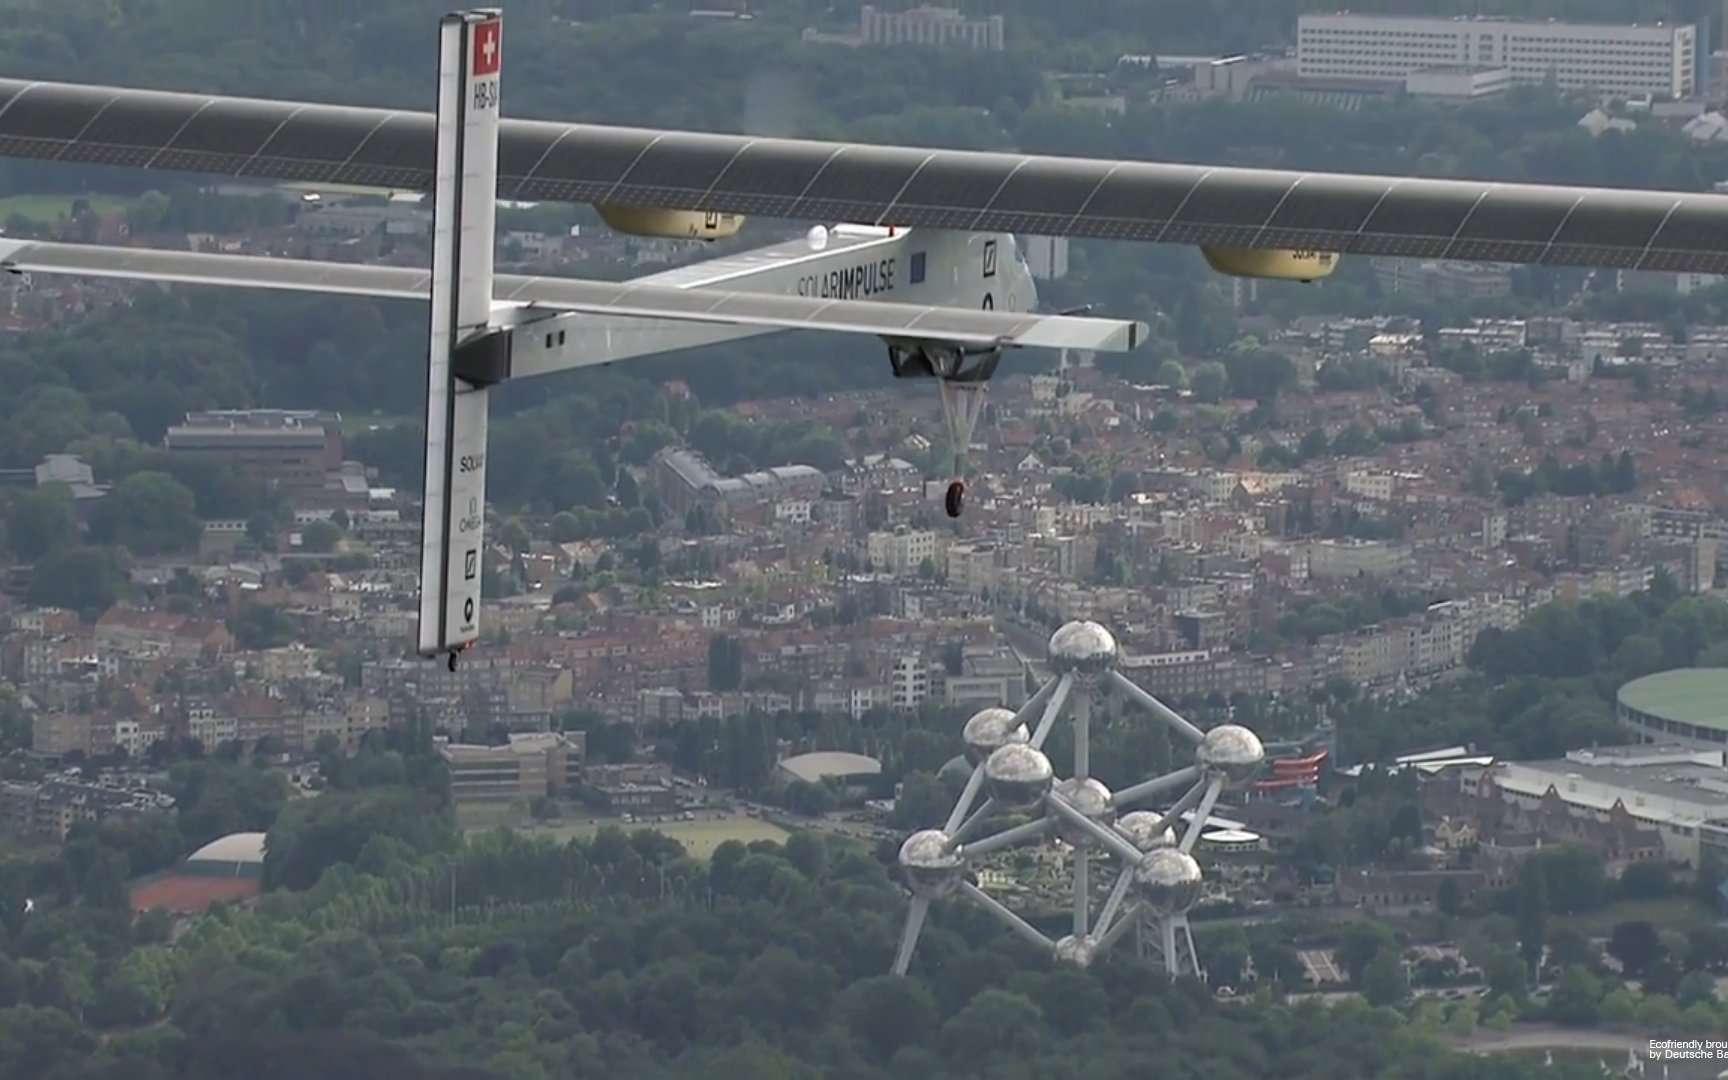 Le HB-SIA, de Solar Impulse, aux mains d'André Borschberg peu après son décollage de l'aéroport de Bruxelles, samedi 11 juin 2011. Le pilote aurait bien aimé rentrer le train d'atterrissage... © Solar Impulse